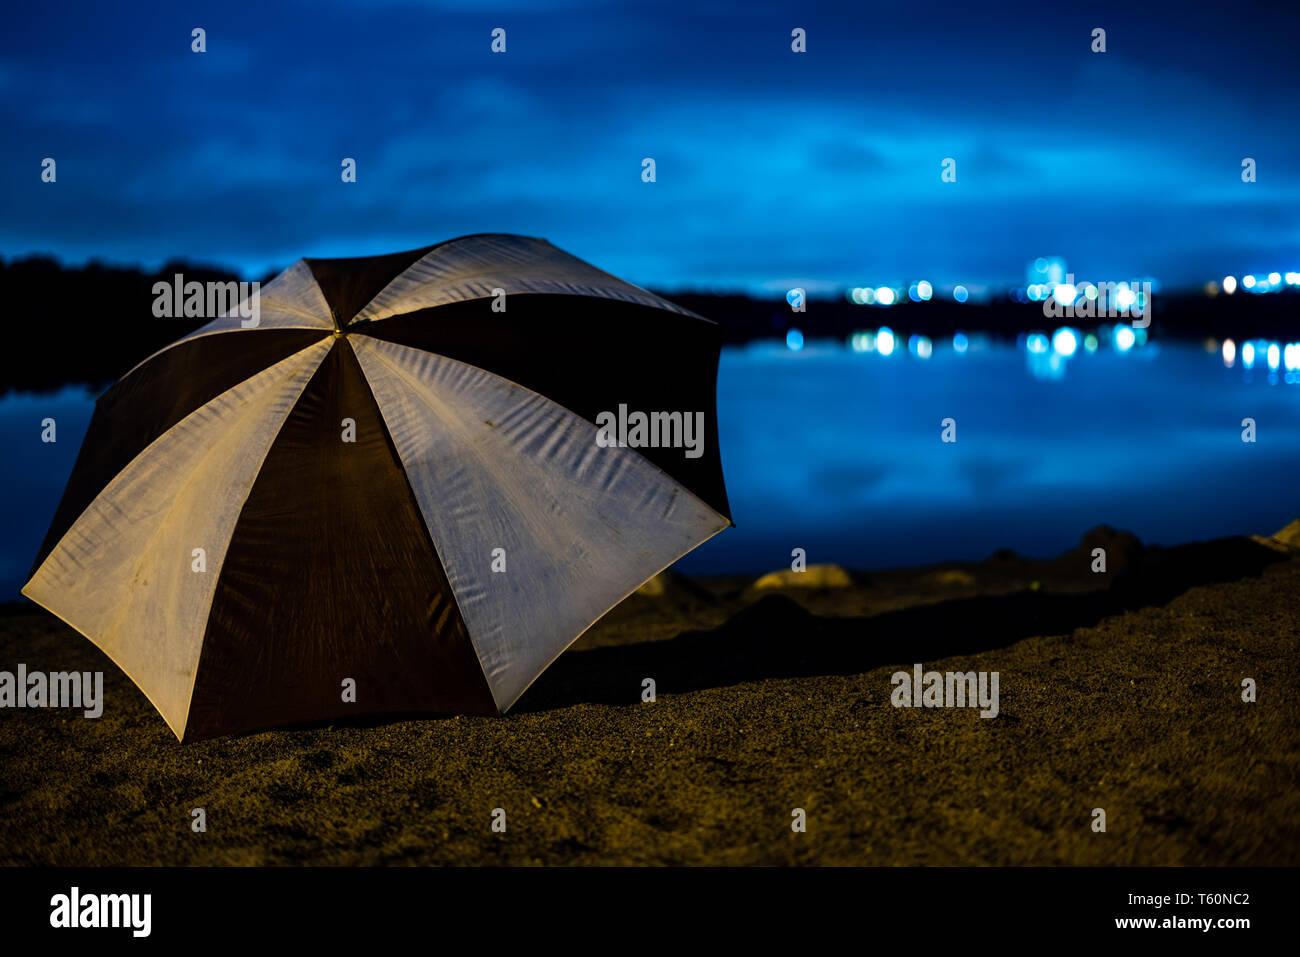 Umbrellaart - Stock Image